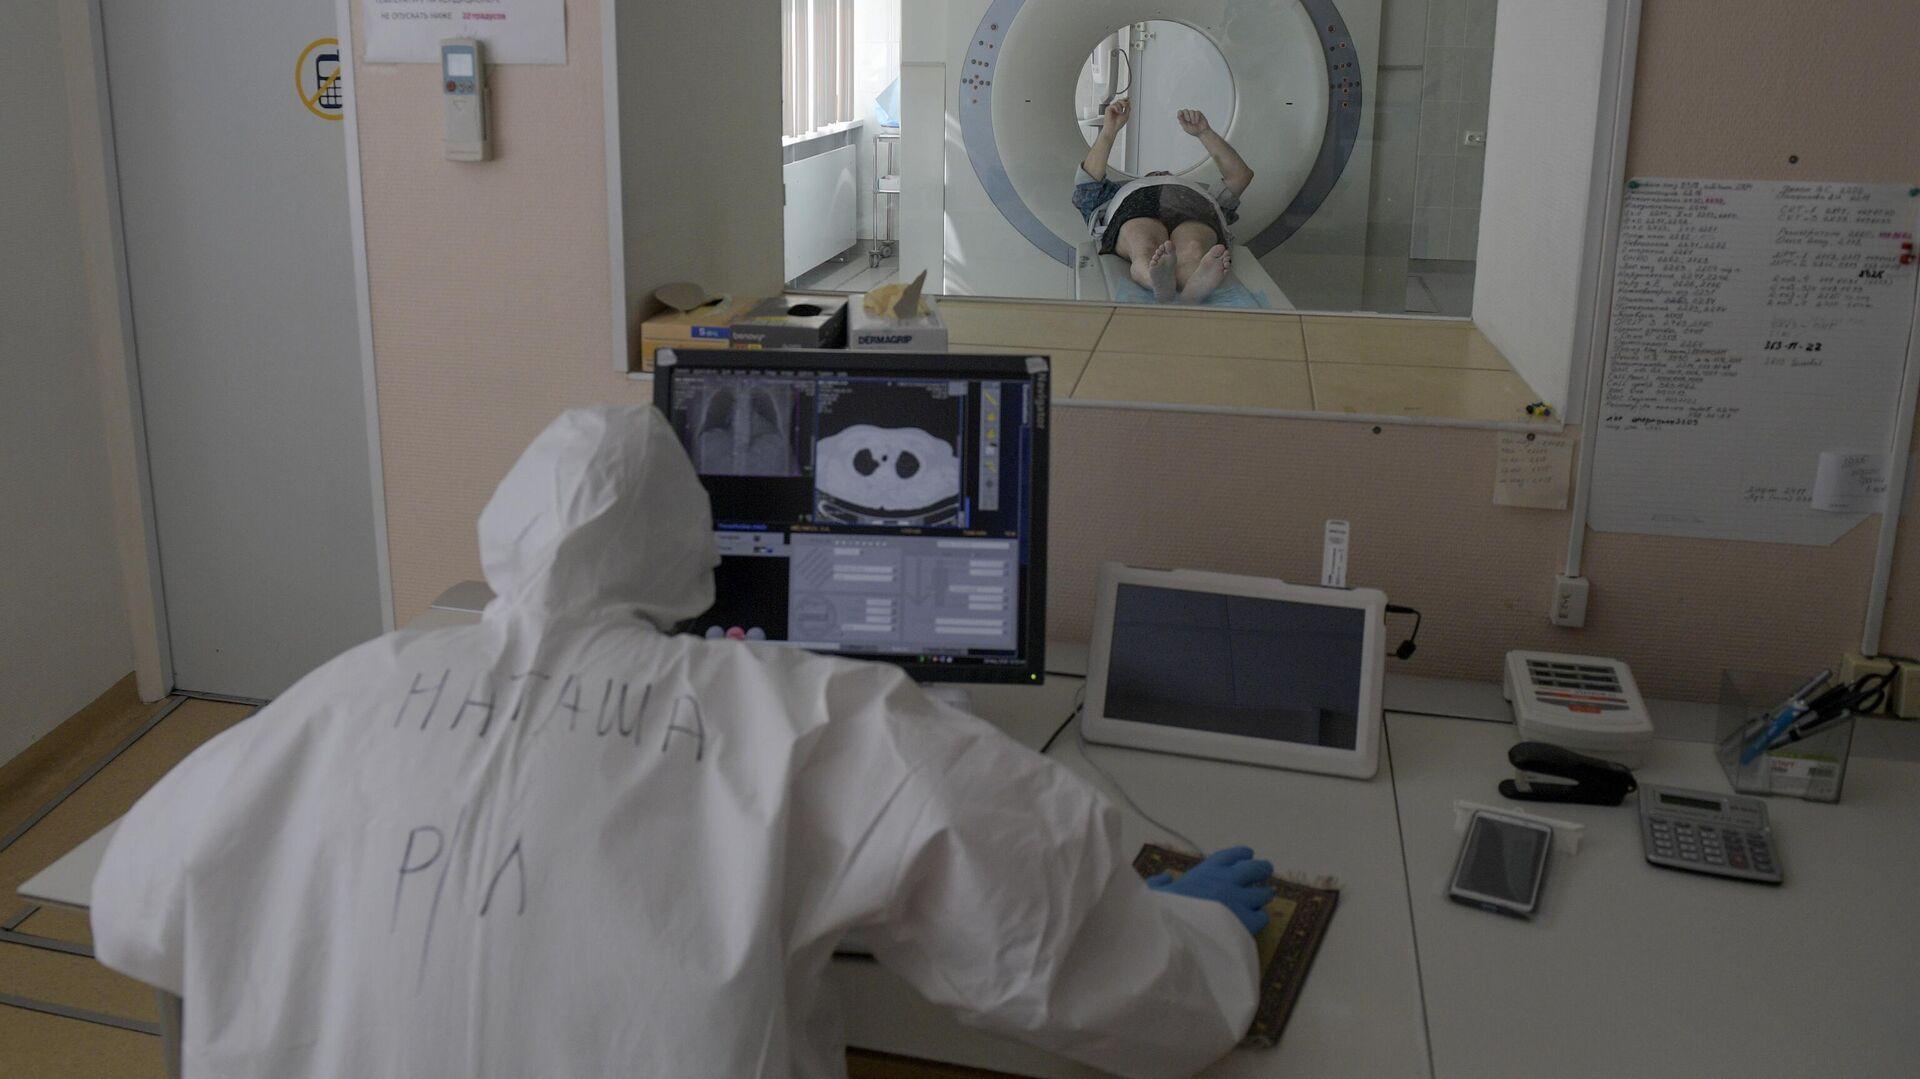 Медицинский работник в кабинете компьютерной томографии в госпитале COVID-19 в больнице No 122 им. Л. Г. Соколова в Санкт-Петербурге - РИА Новости, 1920, 22.01.2021